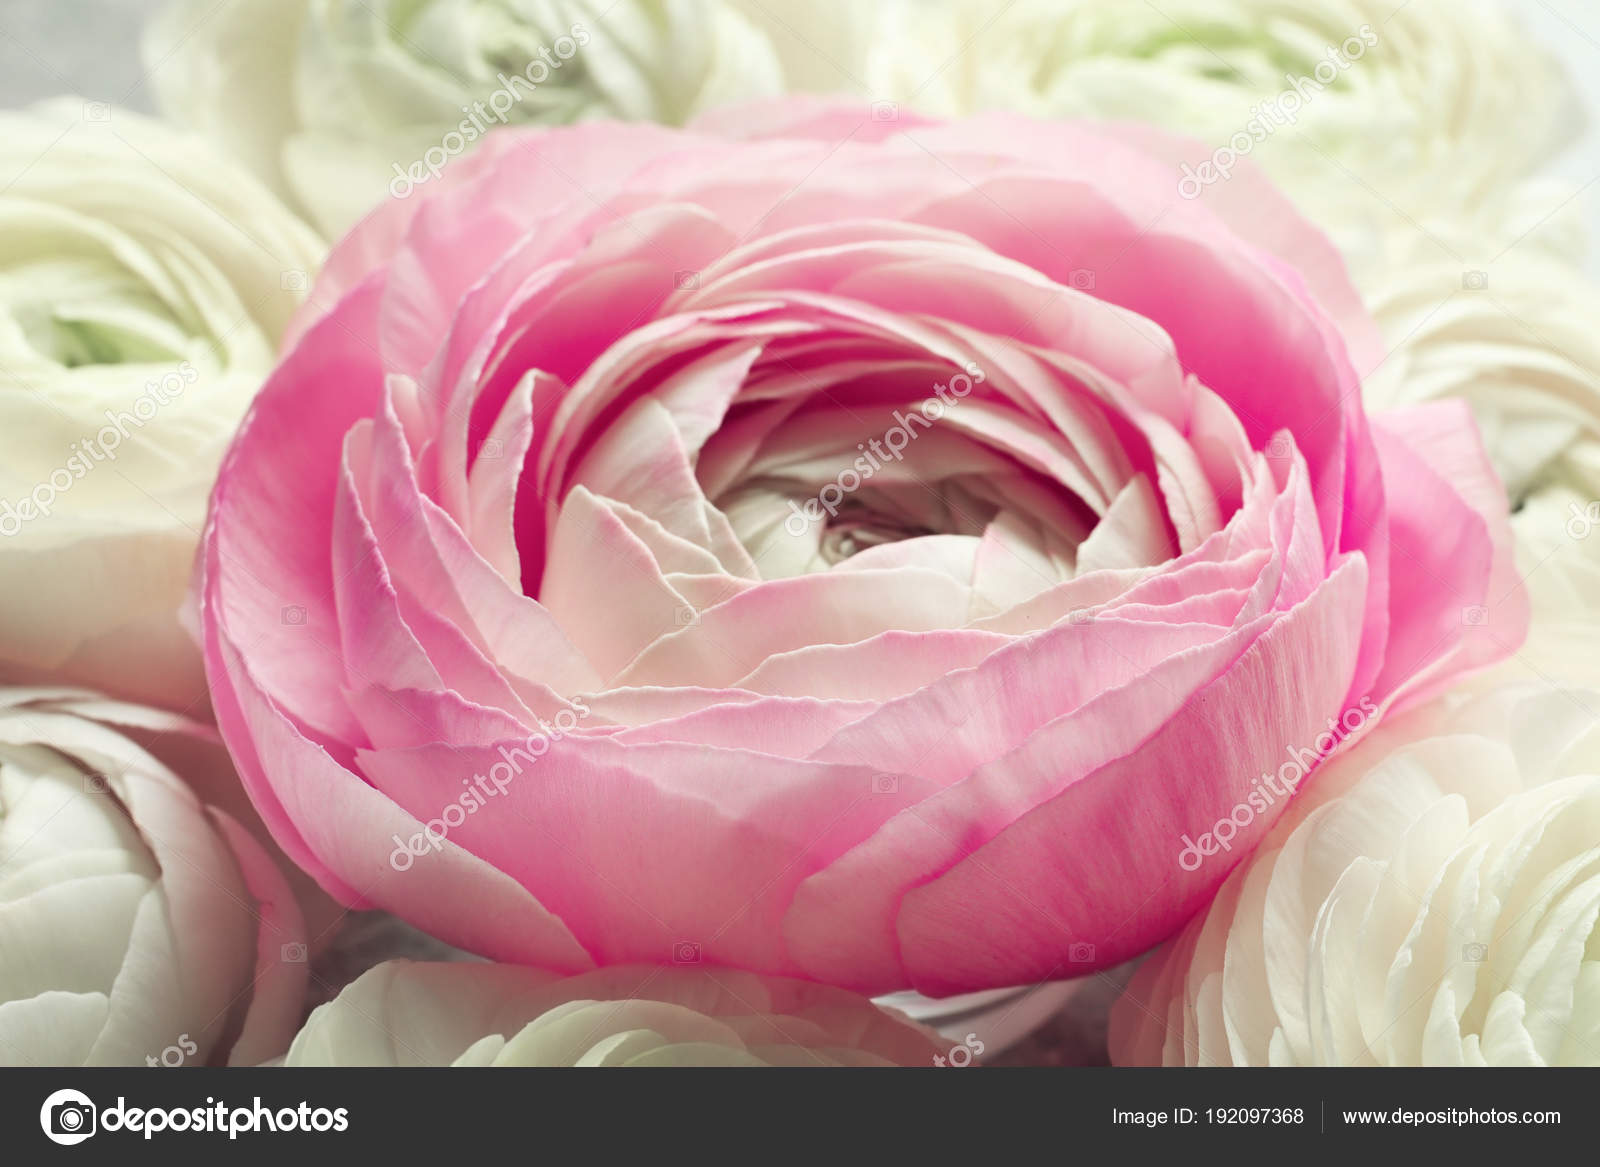 Красиво розовый цвет